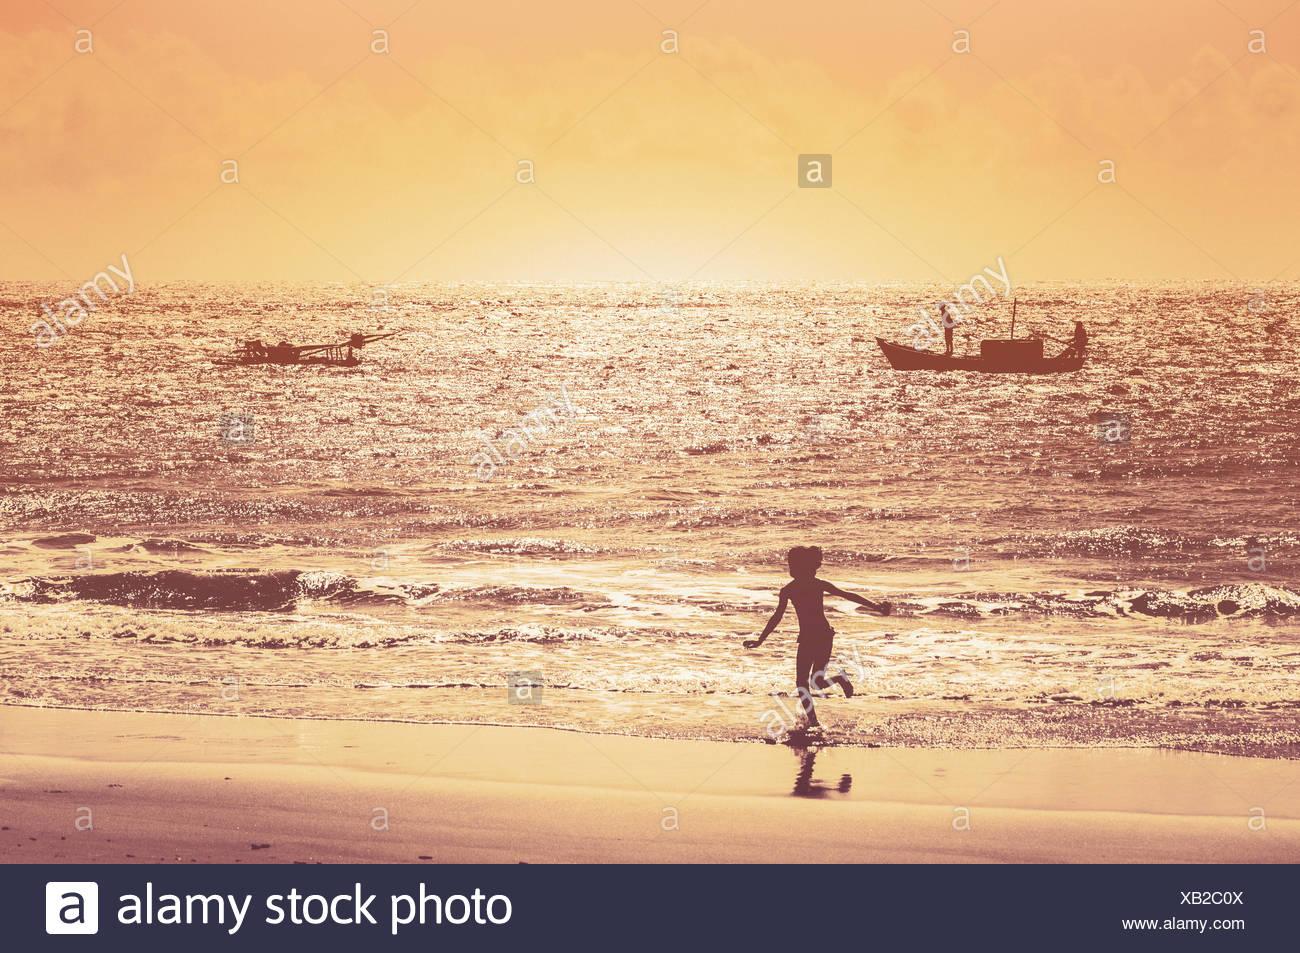 Brasilien, Pirangi, Rio Grande do Norte, Mädchen läuft am Strand bei Sonnenuntergang Stockbild